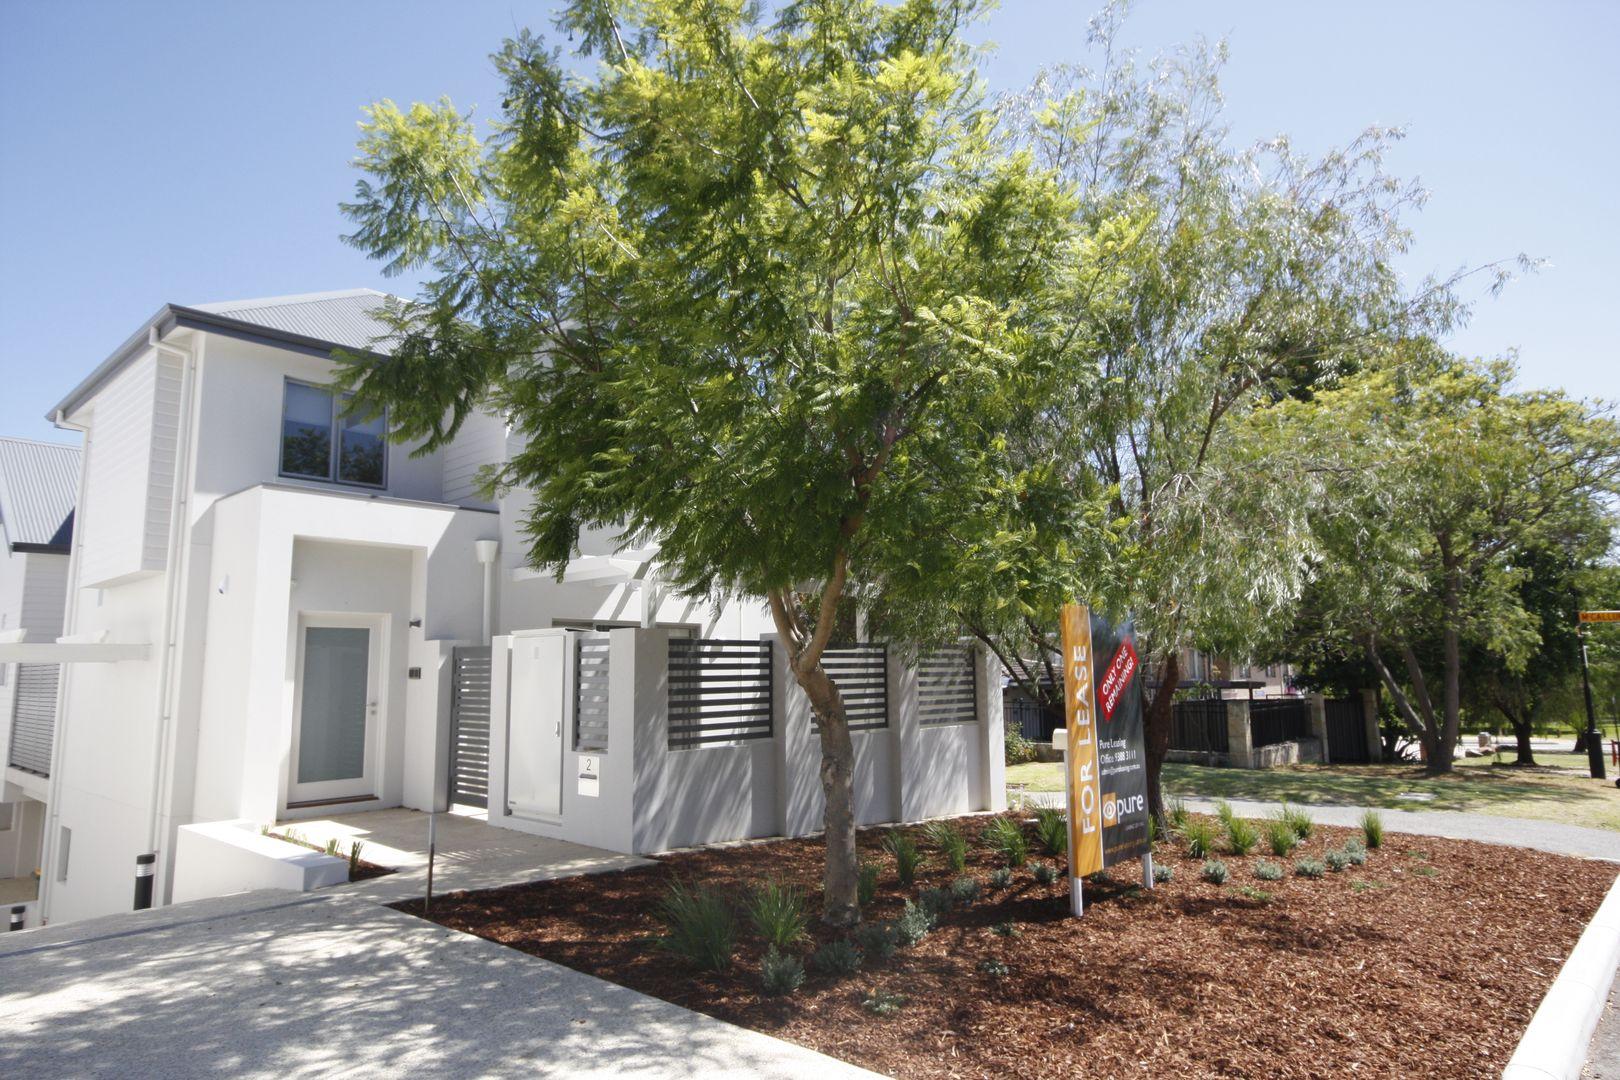 2/43 Troy Terrace, Daglish WA 6008, Image 0